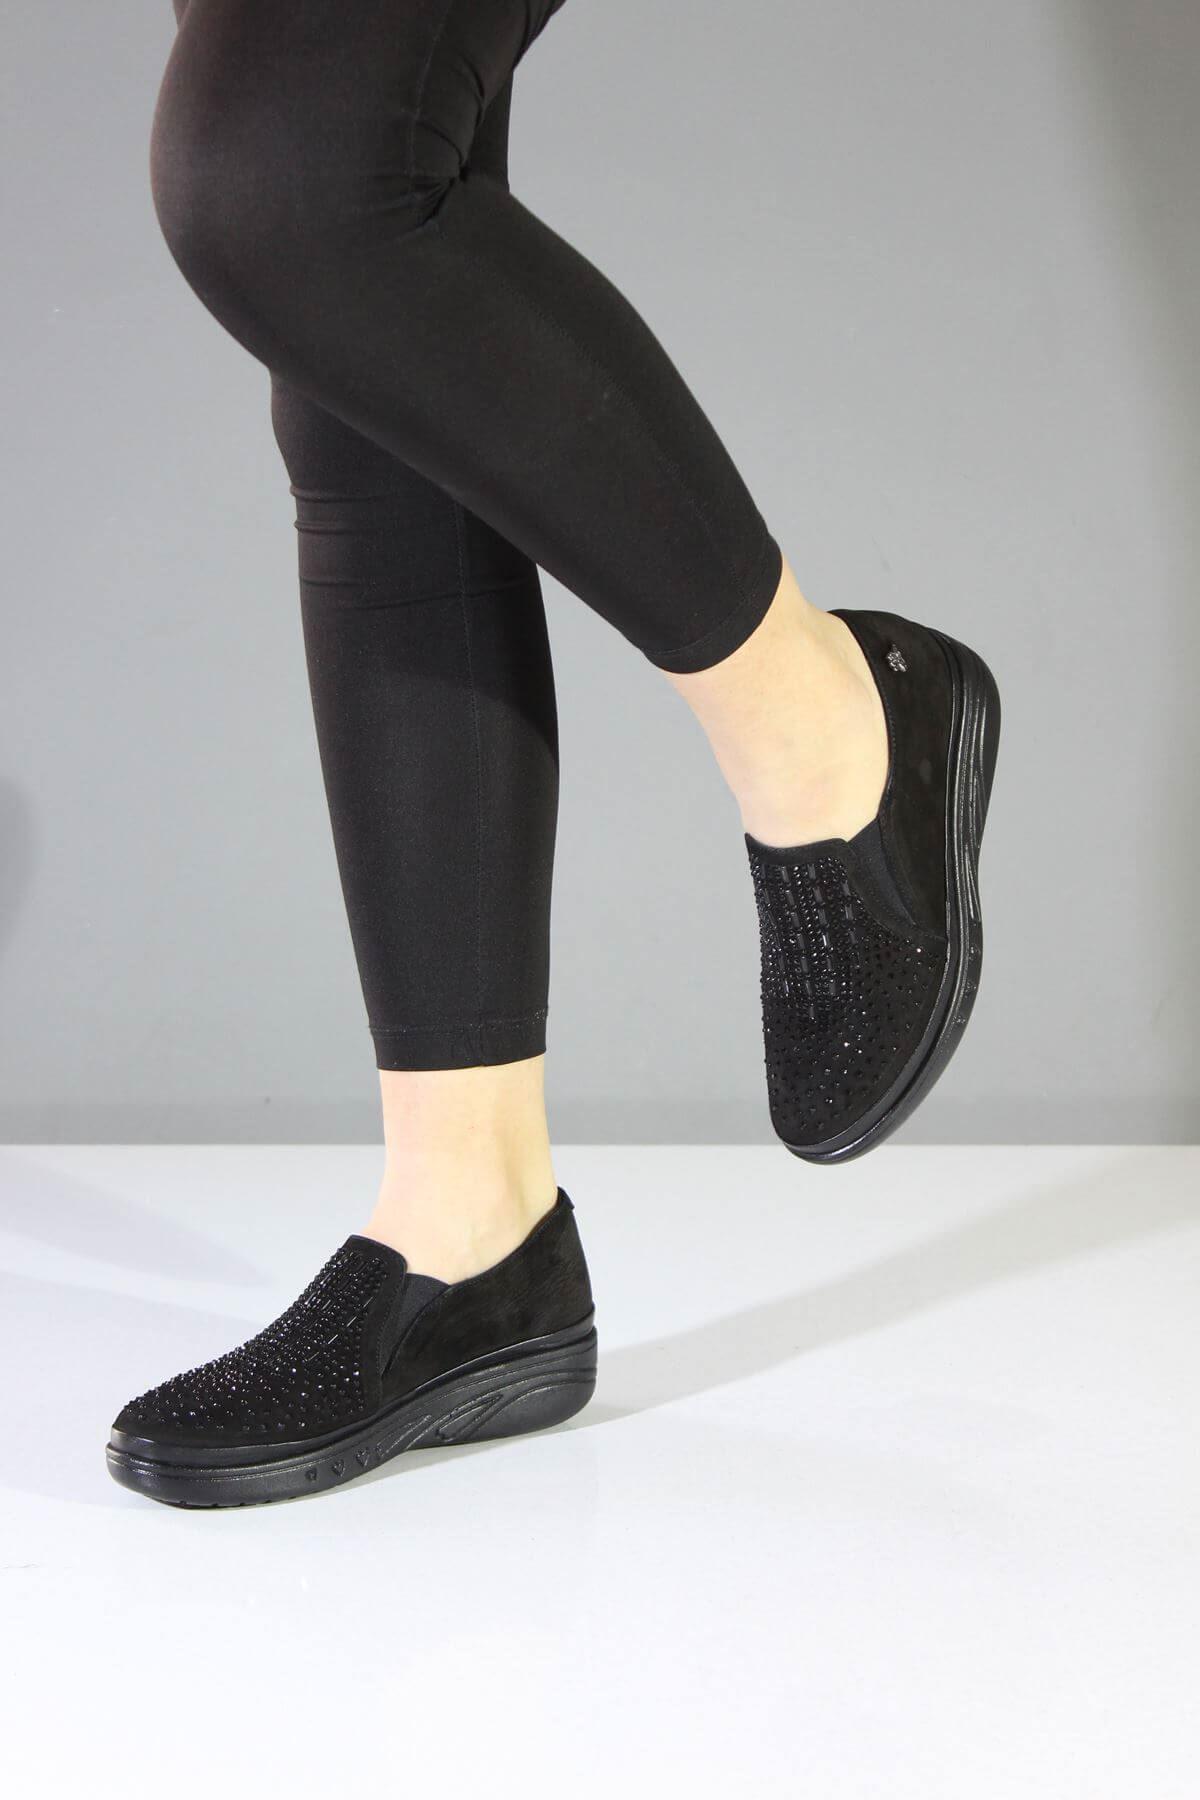 Venüs 1820504K Airflow Siyah Hakiki Deri Günlük Kadın Ayakkabı